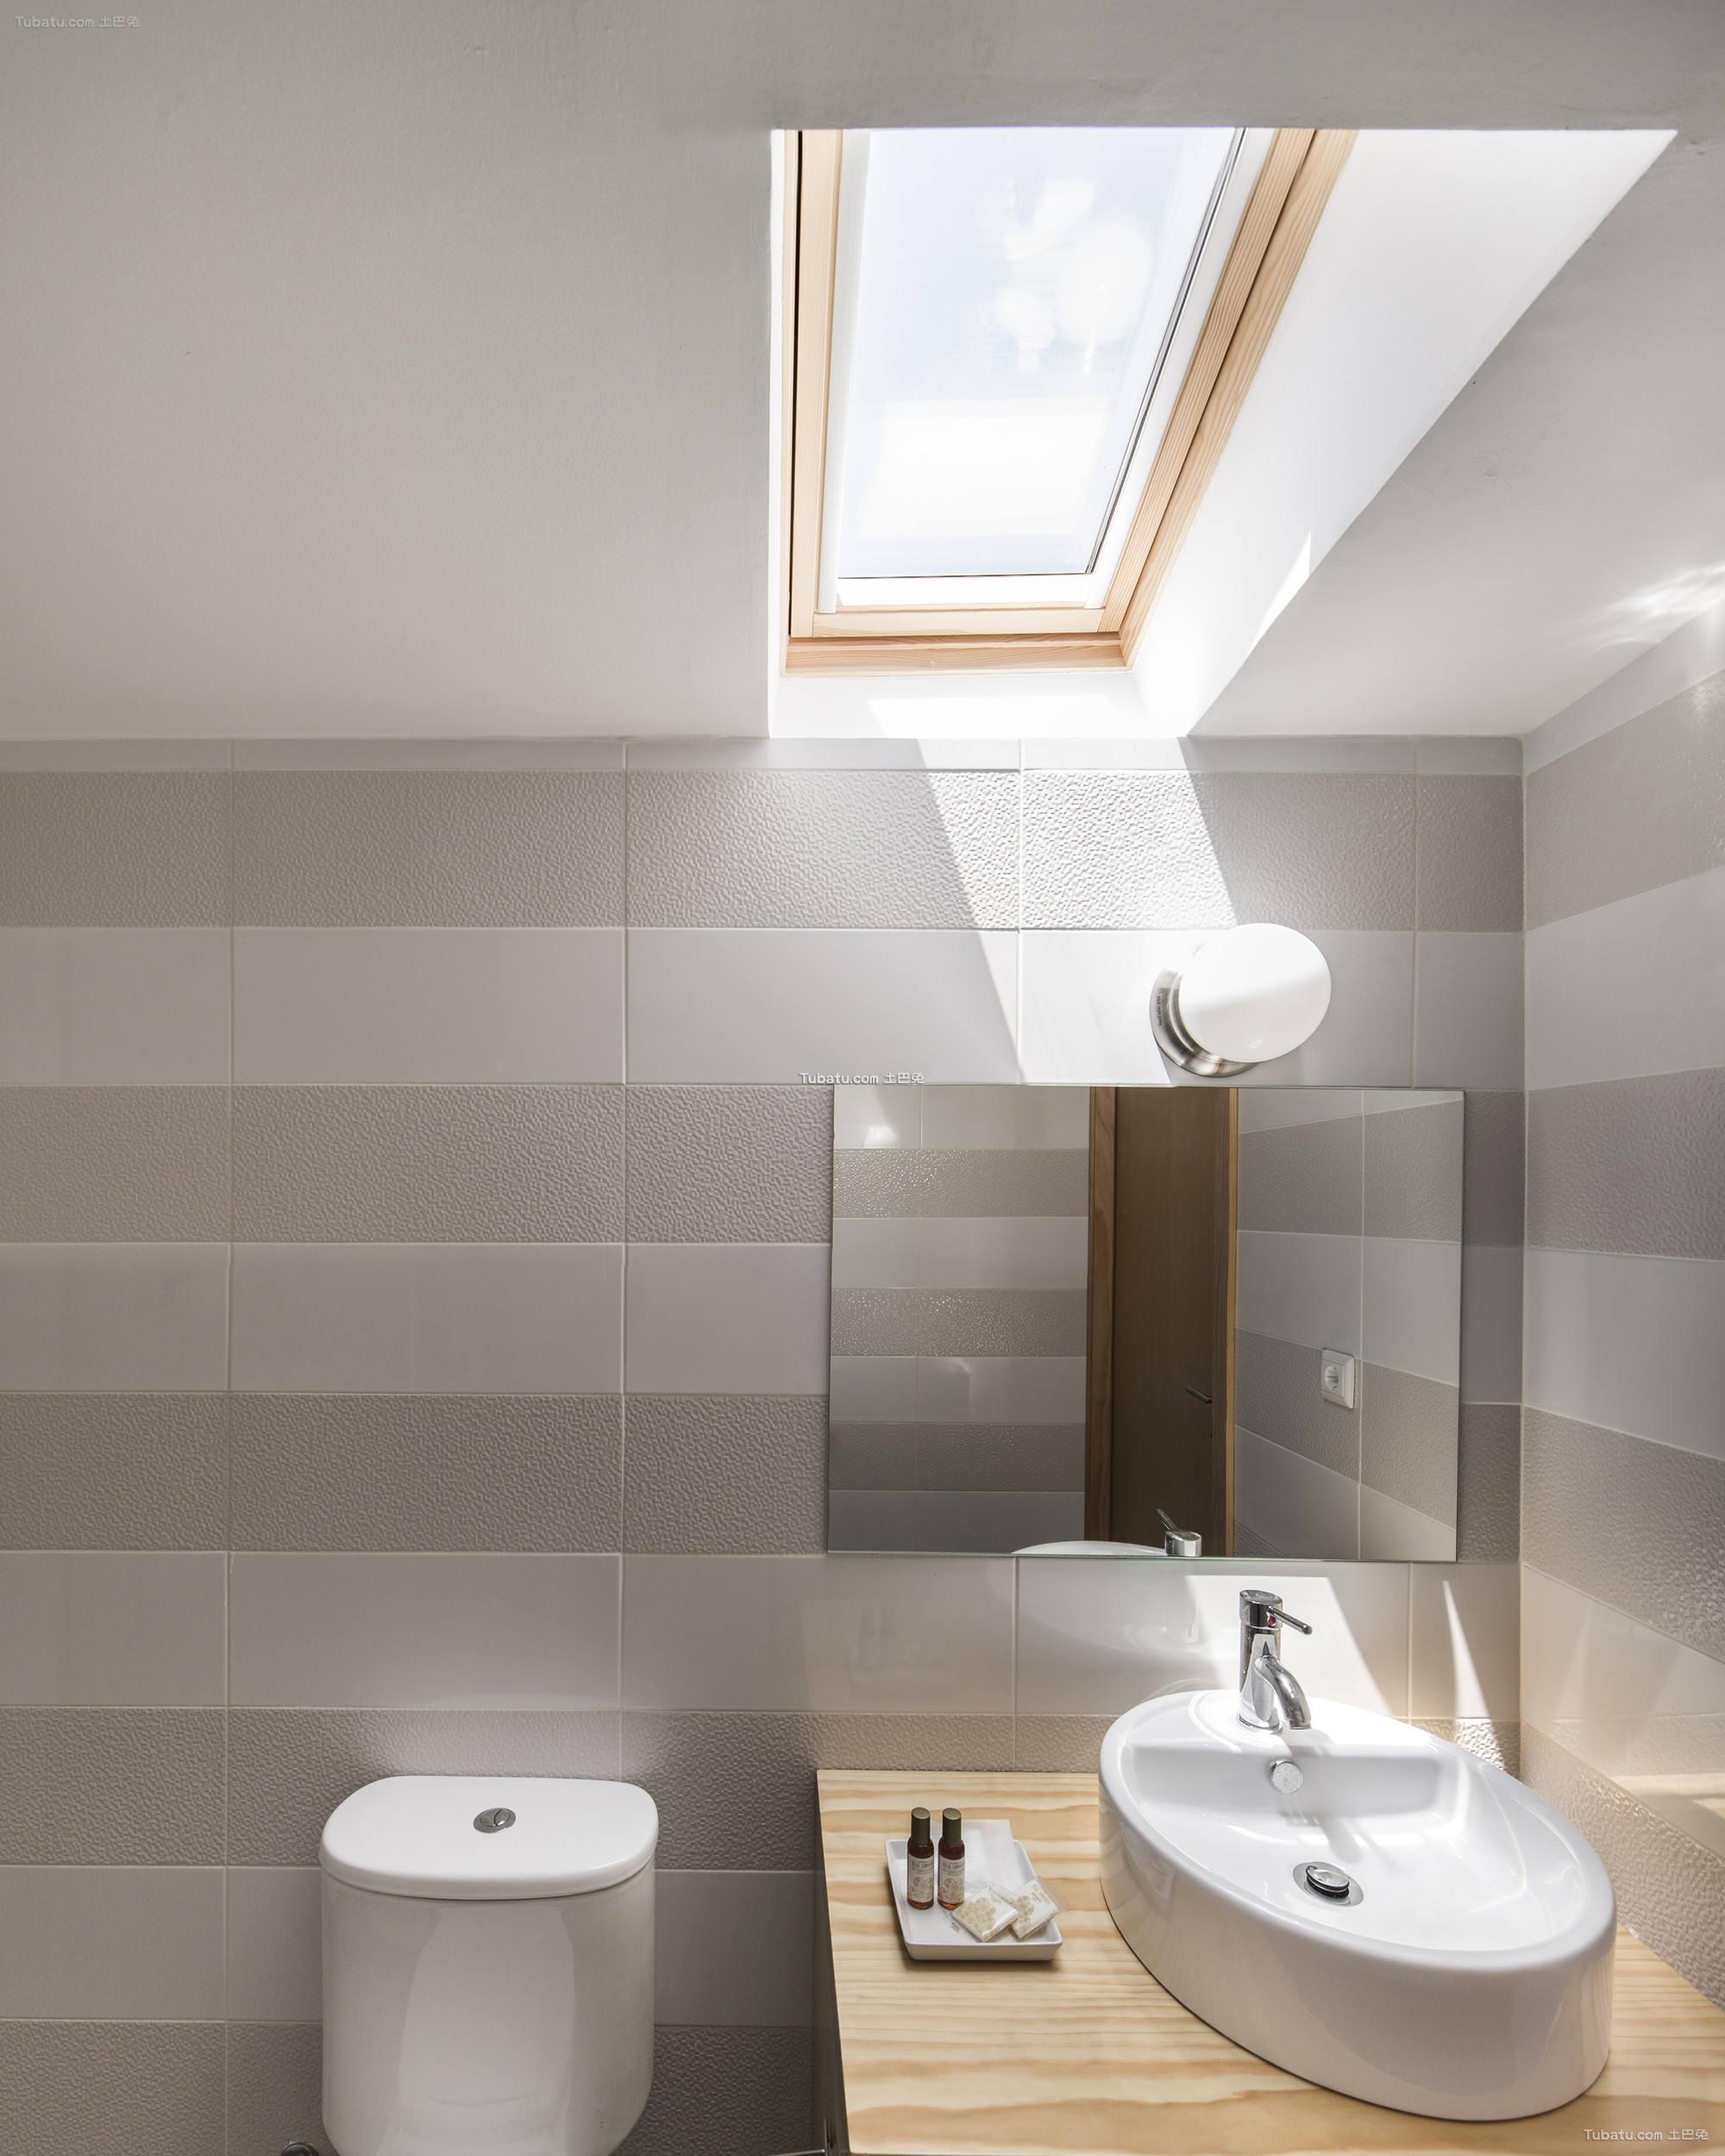 酒店设计卫生间室内装修效果图